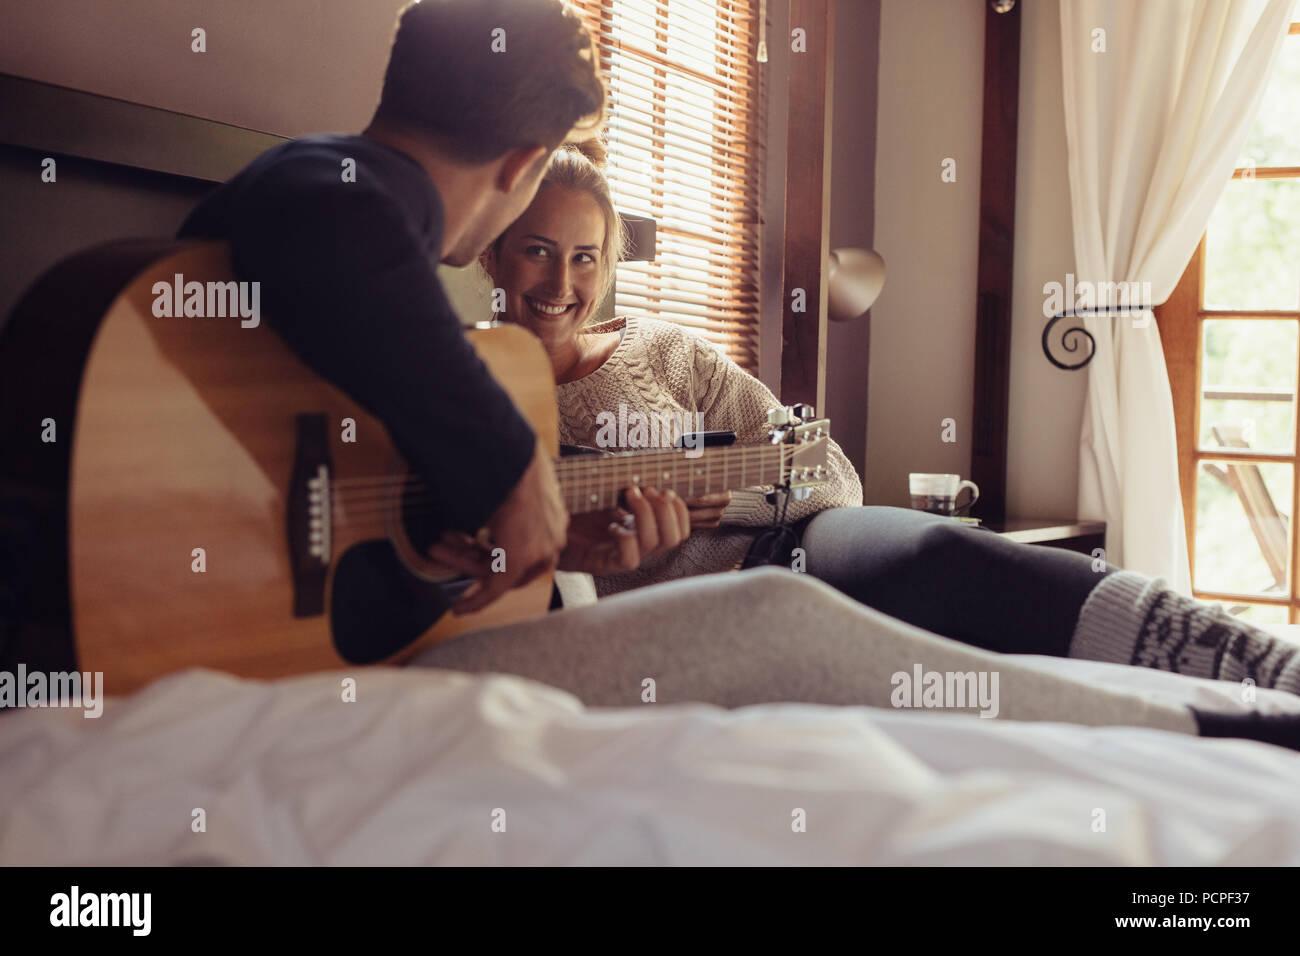 Jeune homme jouant de la guitare pour sa petite amie au lit. Couple aimant se reposant dans chambre d'hôtel et en jouant de la guitare dans le lit. Photo Stock